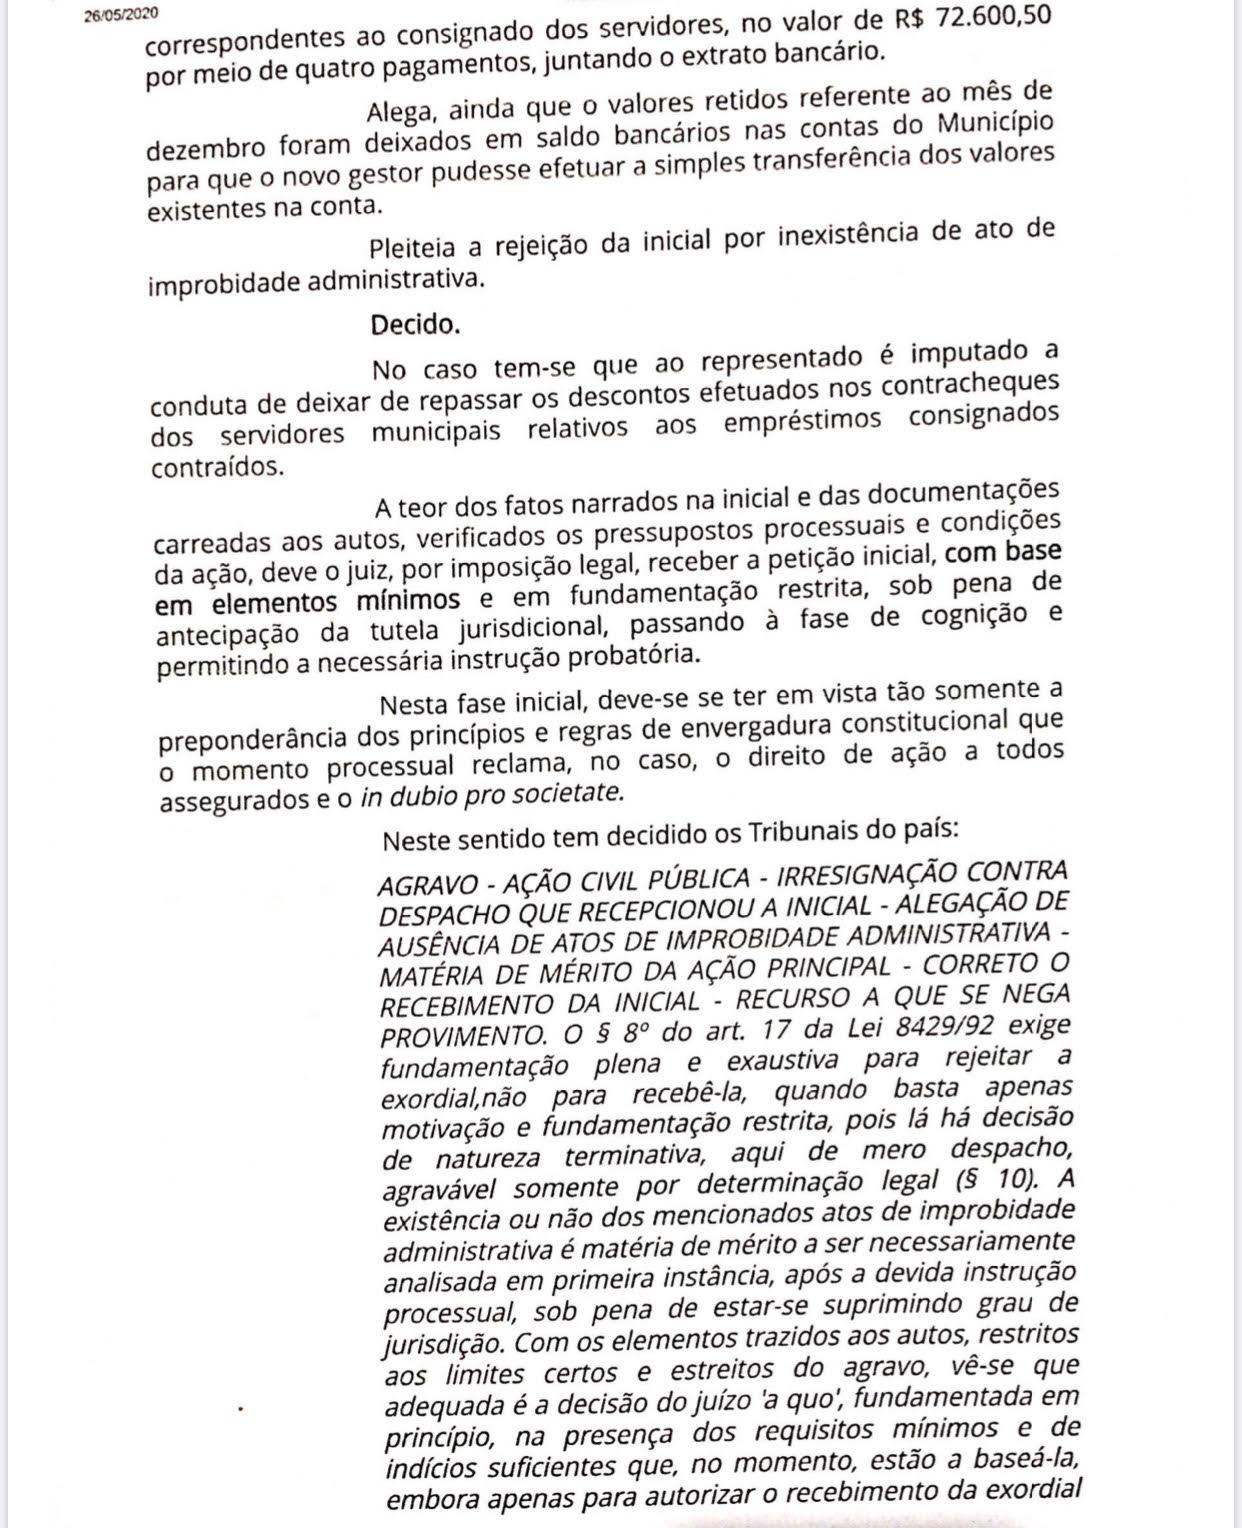 01 - Justiça vê indícios e ex-prefeito de Alhandra Marcelo Rodrigues é investigado em ação de improbidade administrativa